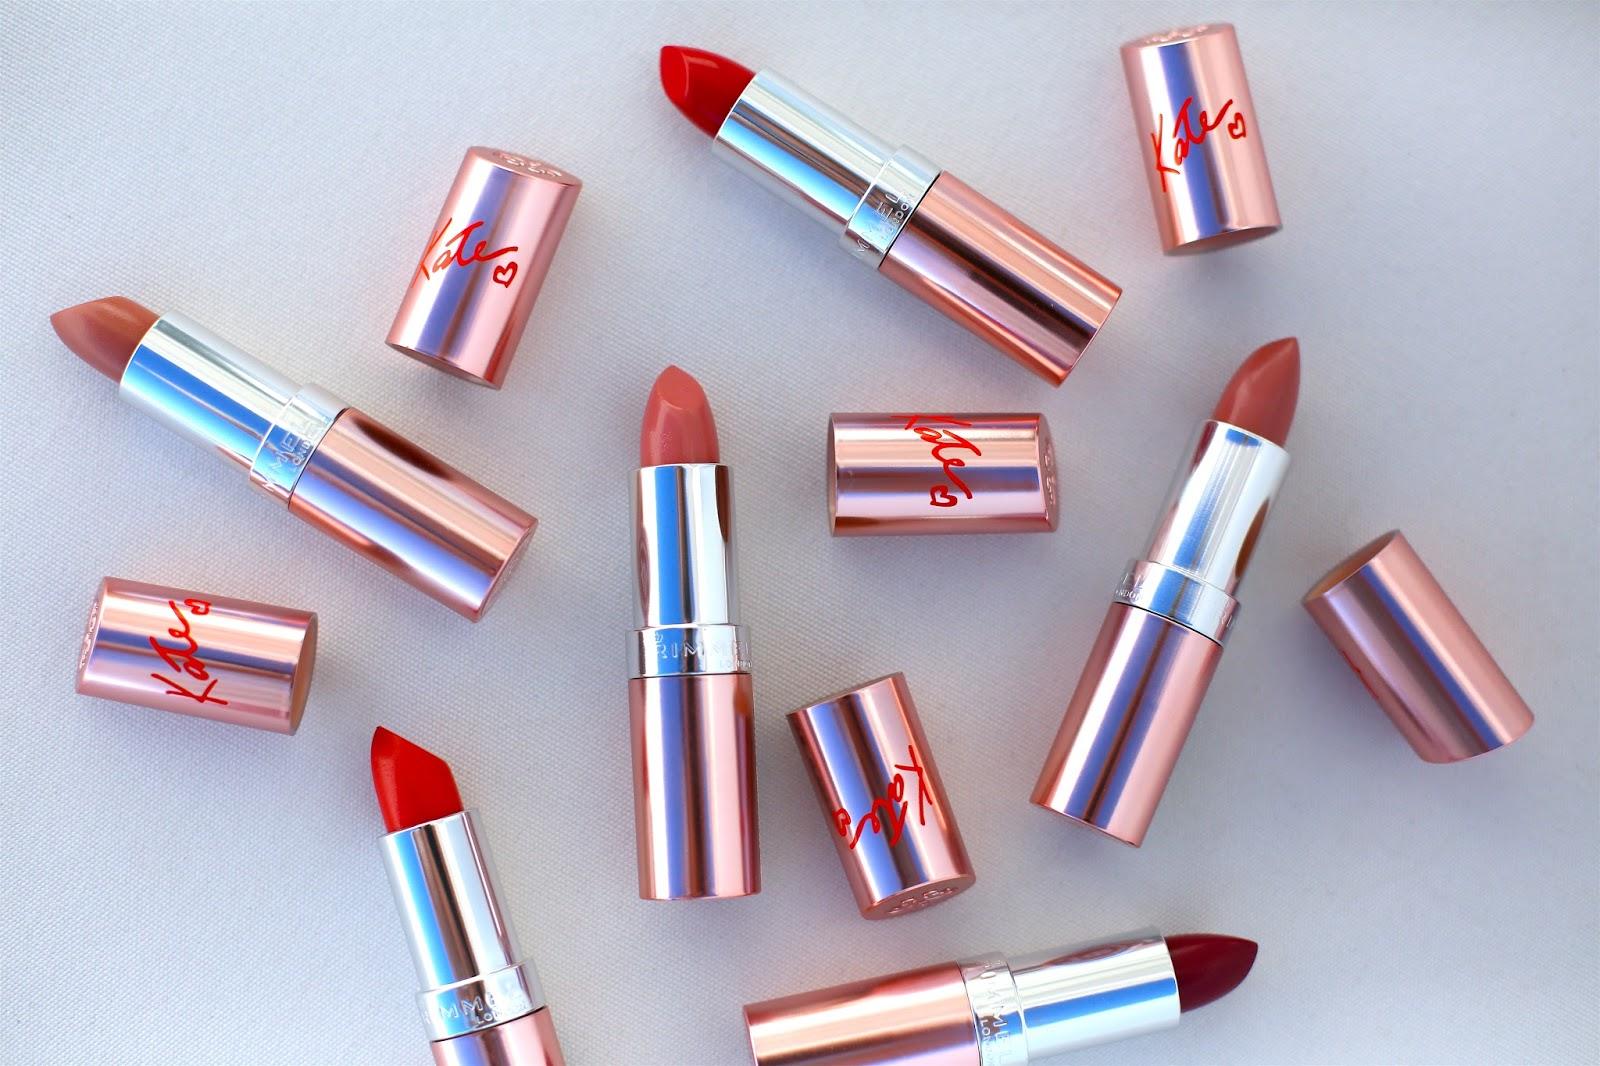 Kate Moss for Rimmel: Rose Gold Lipsticks